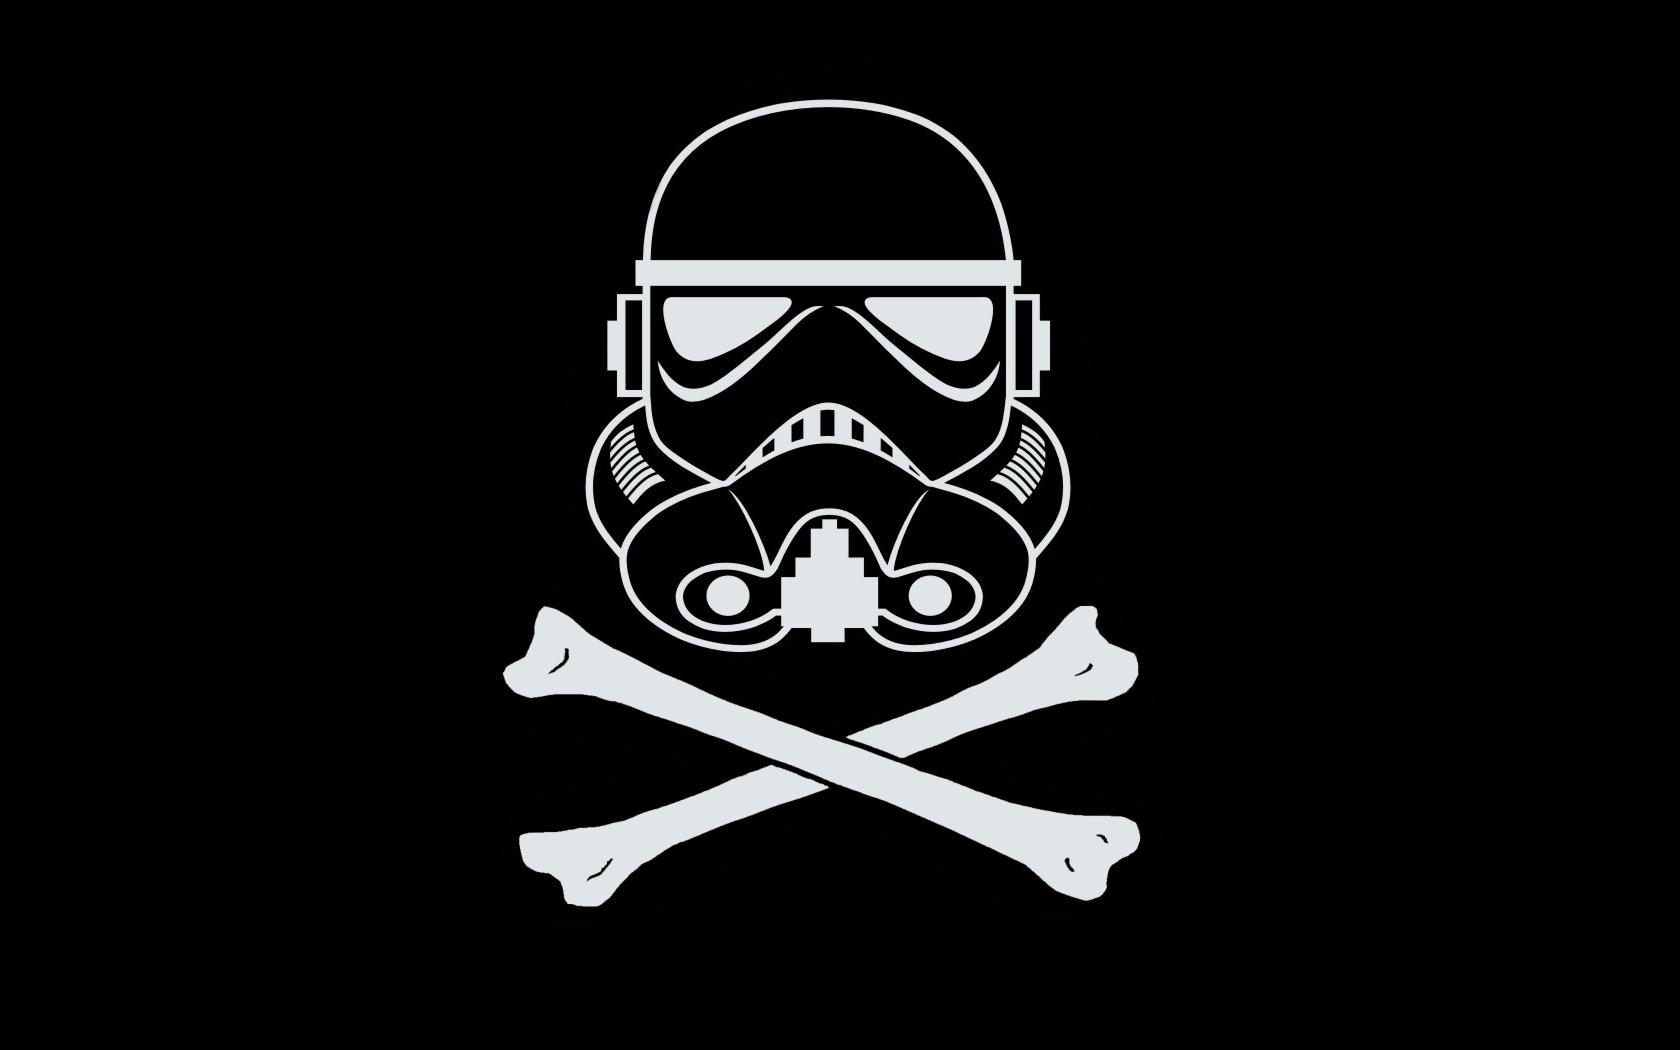 Stormtroopers Star Wars Vector Wallpaper 1680x1050 98542 Wallpaperup